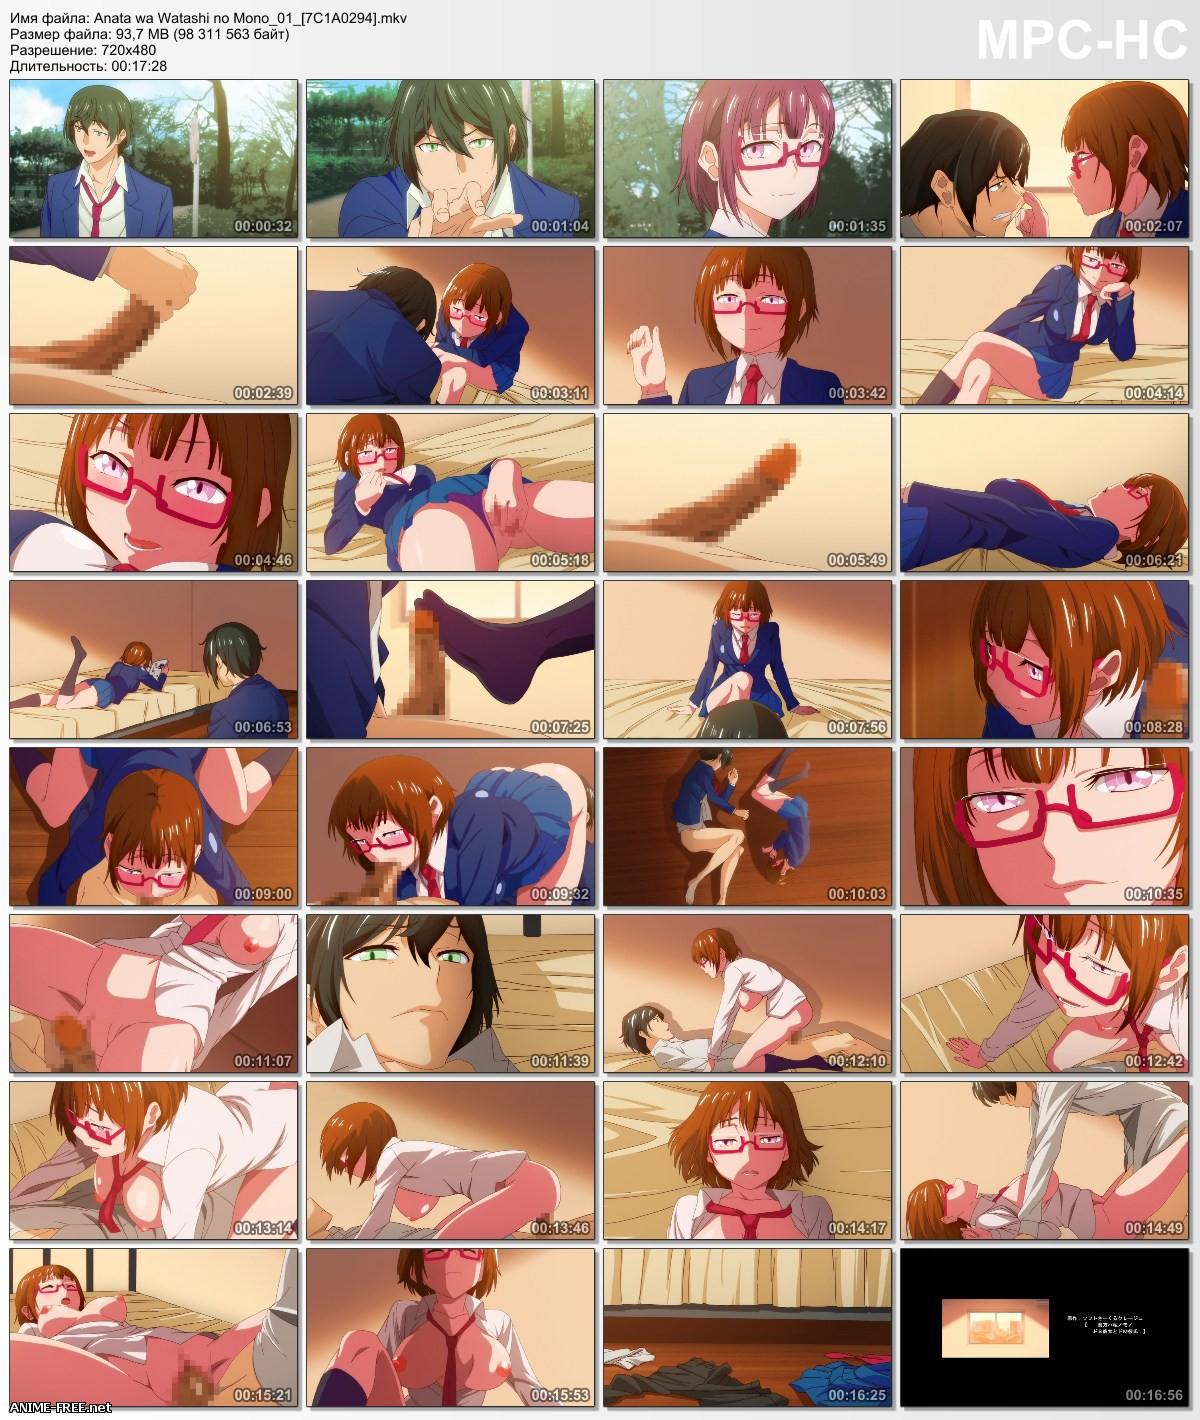 Anata wa Watashi no Mono: Do S Kanojo to Do M Kareshi [Ep.1-2] [JAP,ENG,CHI] Anime Hentai